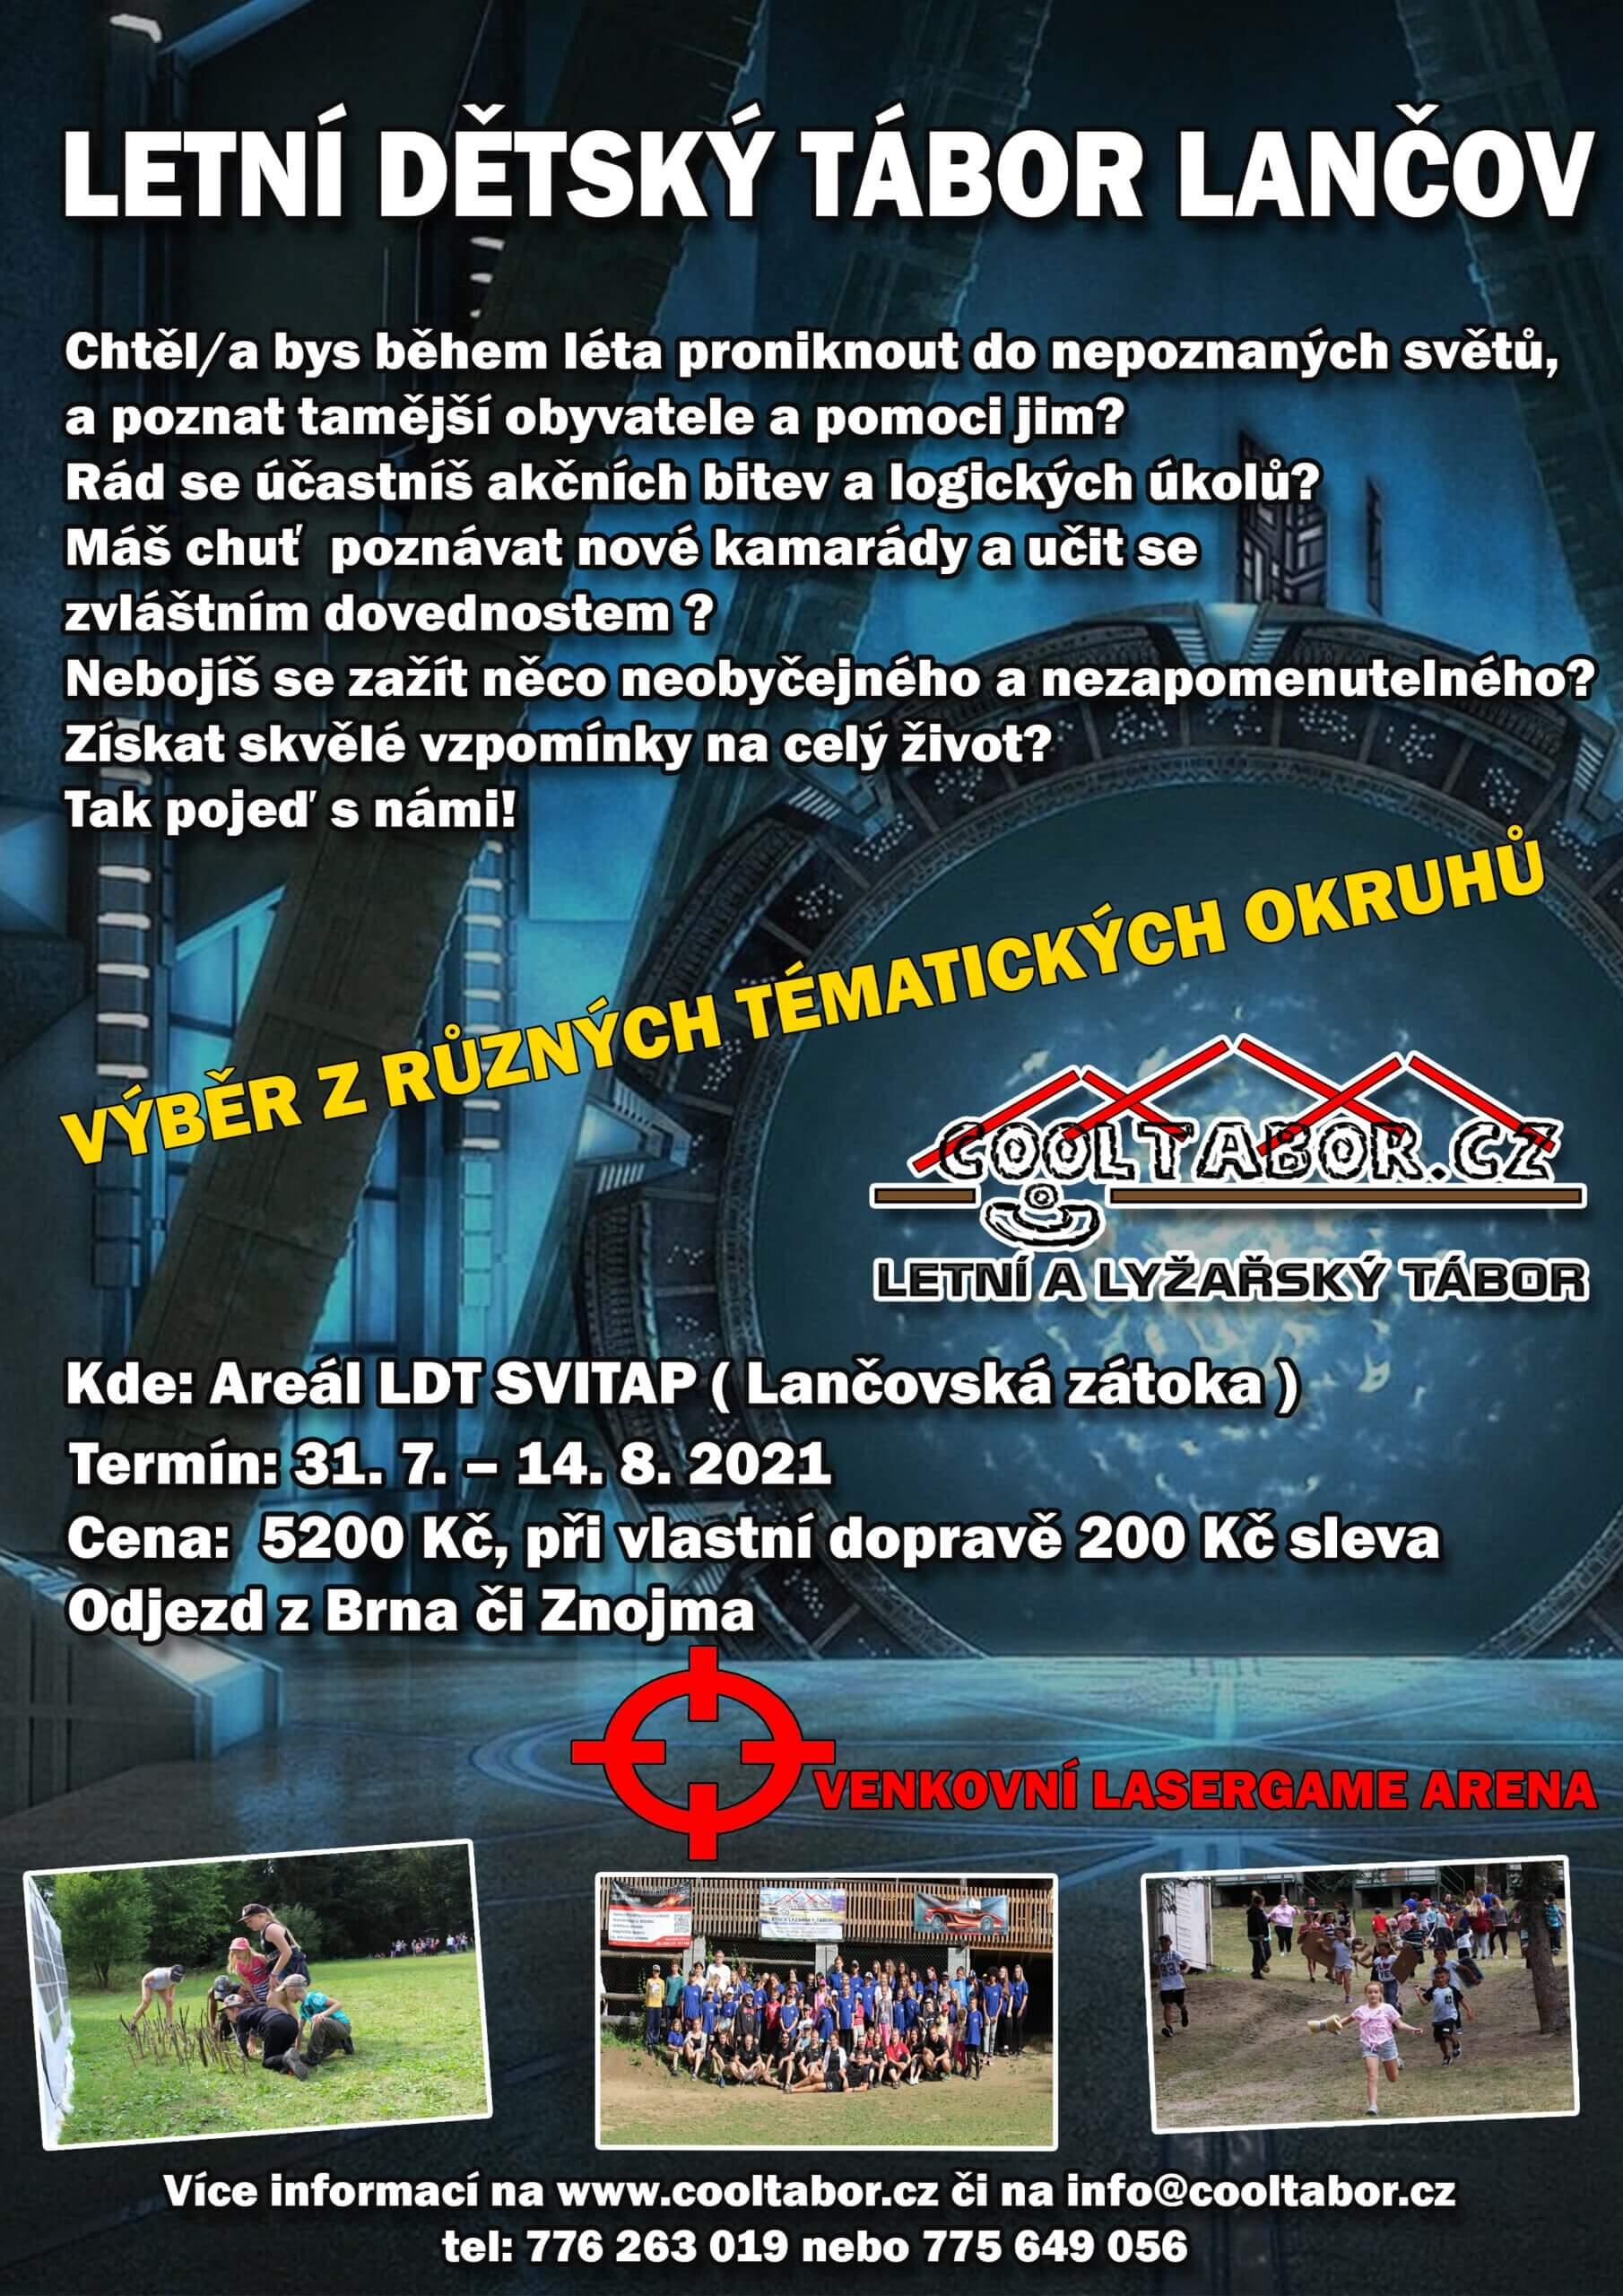 Spuštěny přihlášky na letní tábor 2021 v Lančovské zátoce.